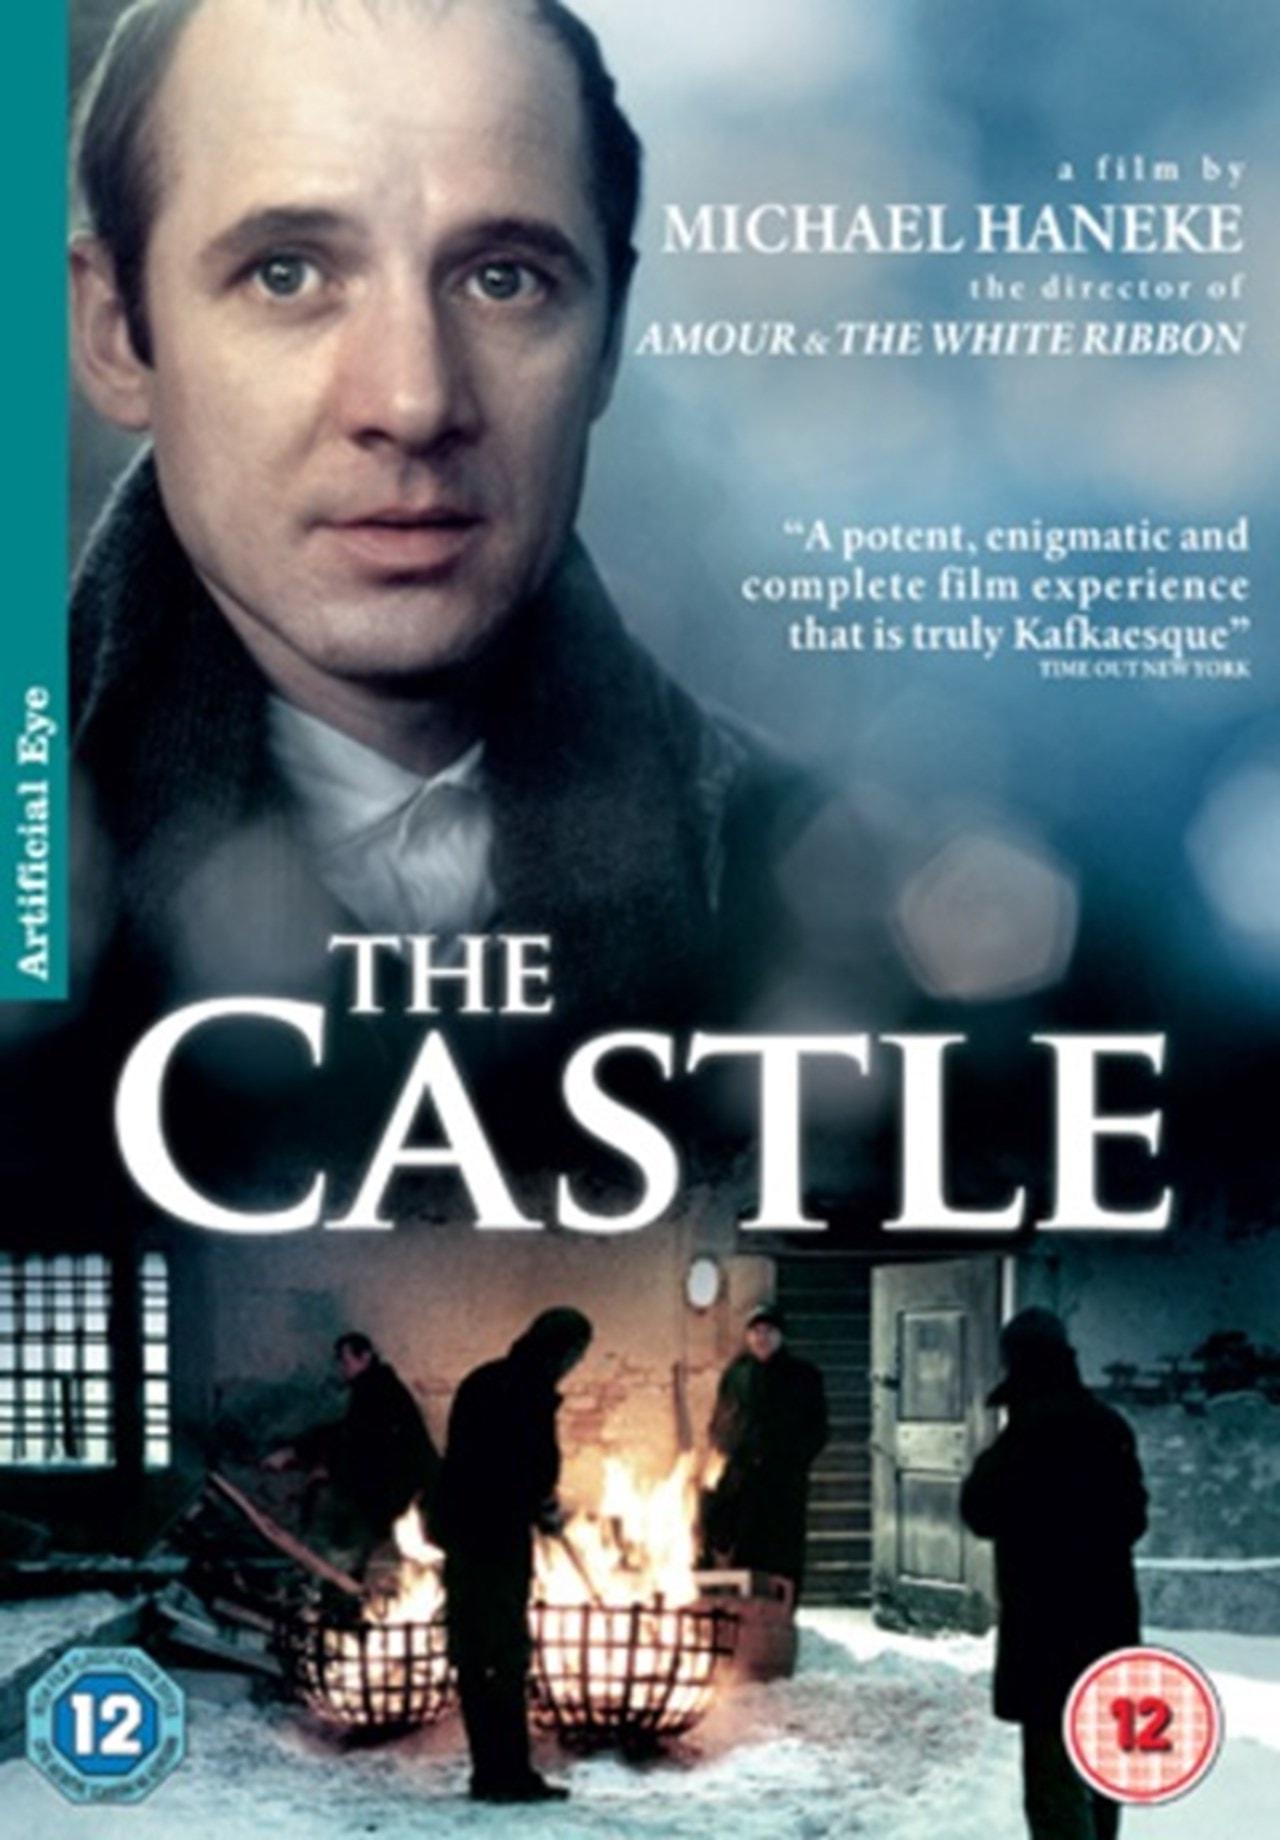 The Castle (Das Schloss) - 1